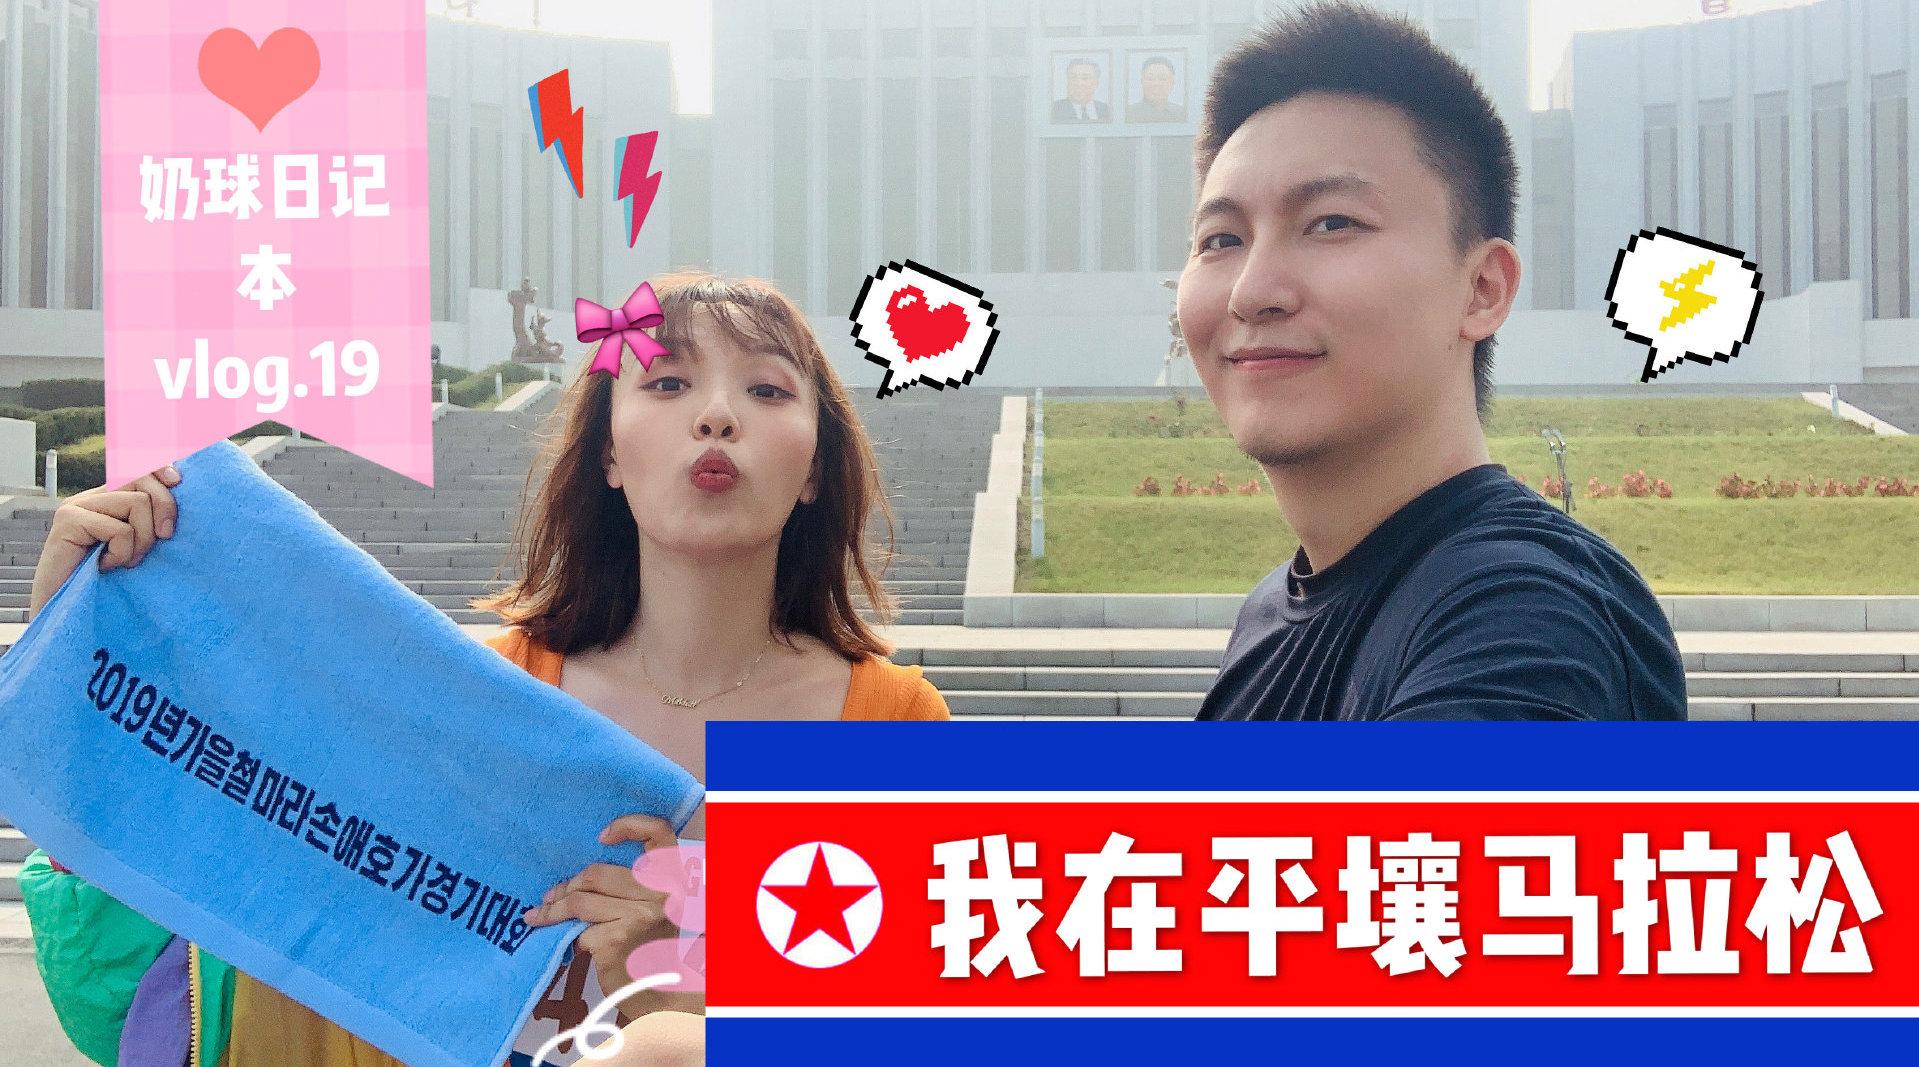 奶球日记本 vlog.19 —— 我在平壤马拉松(真的有为国争光哦)